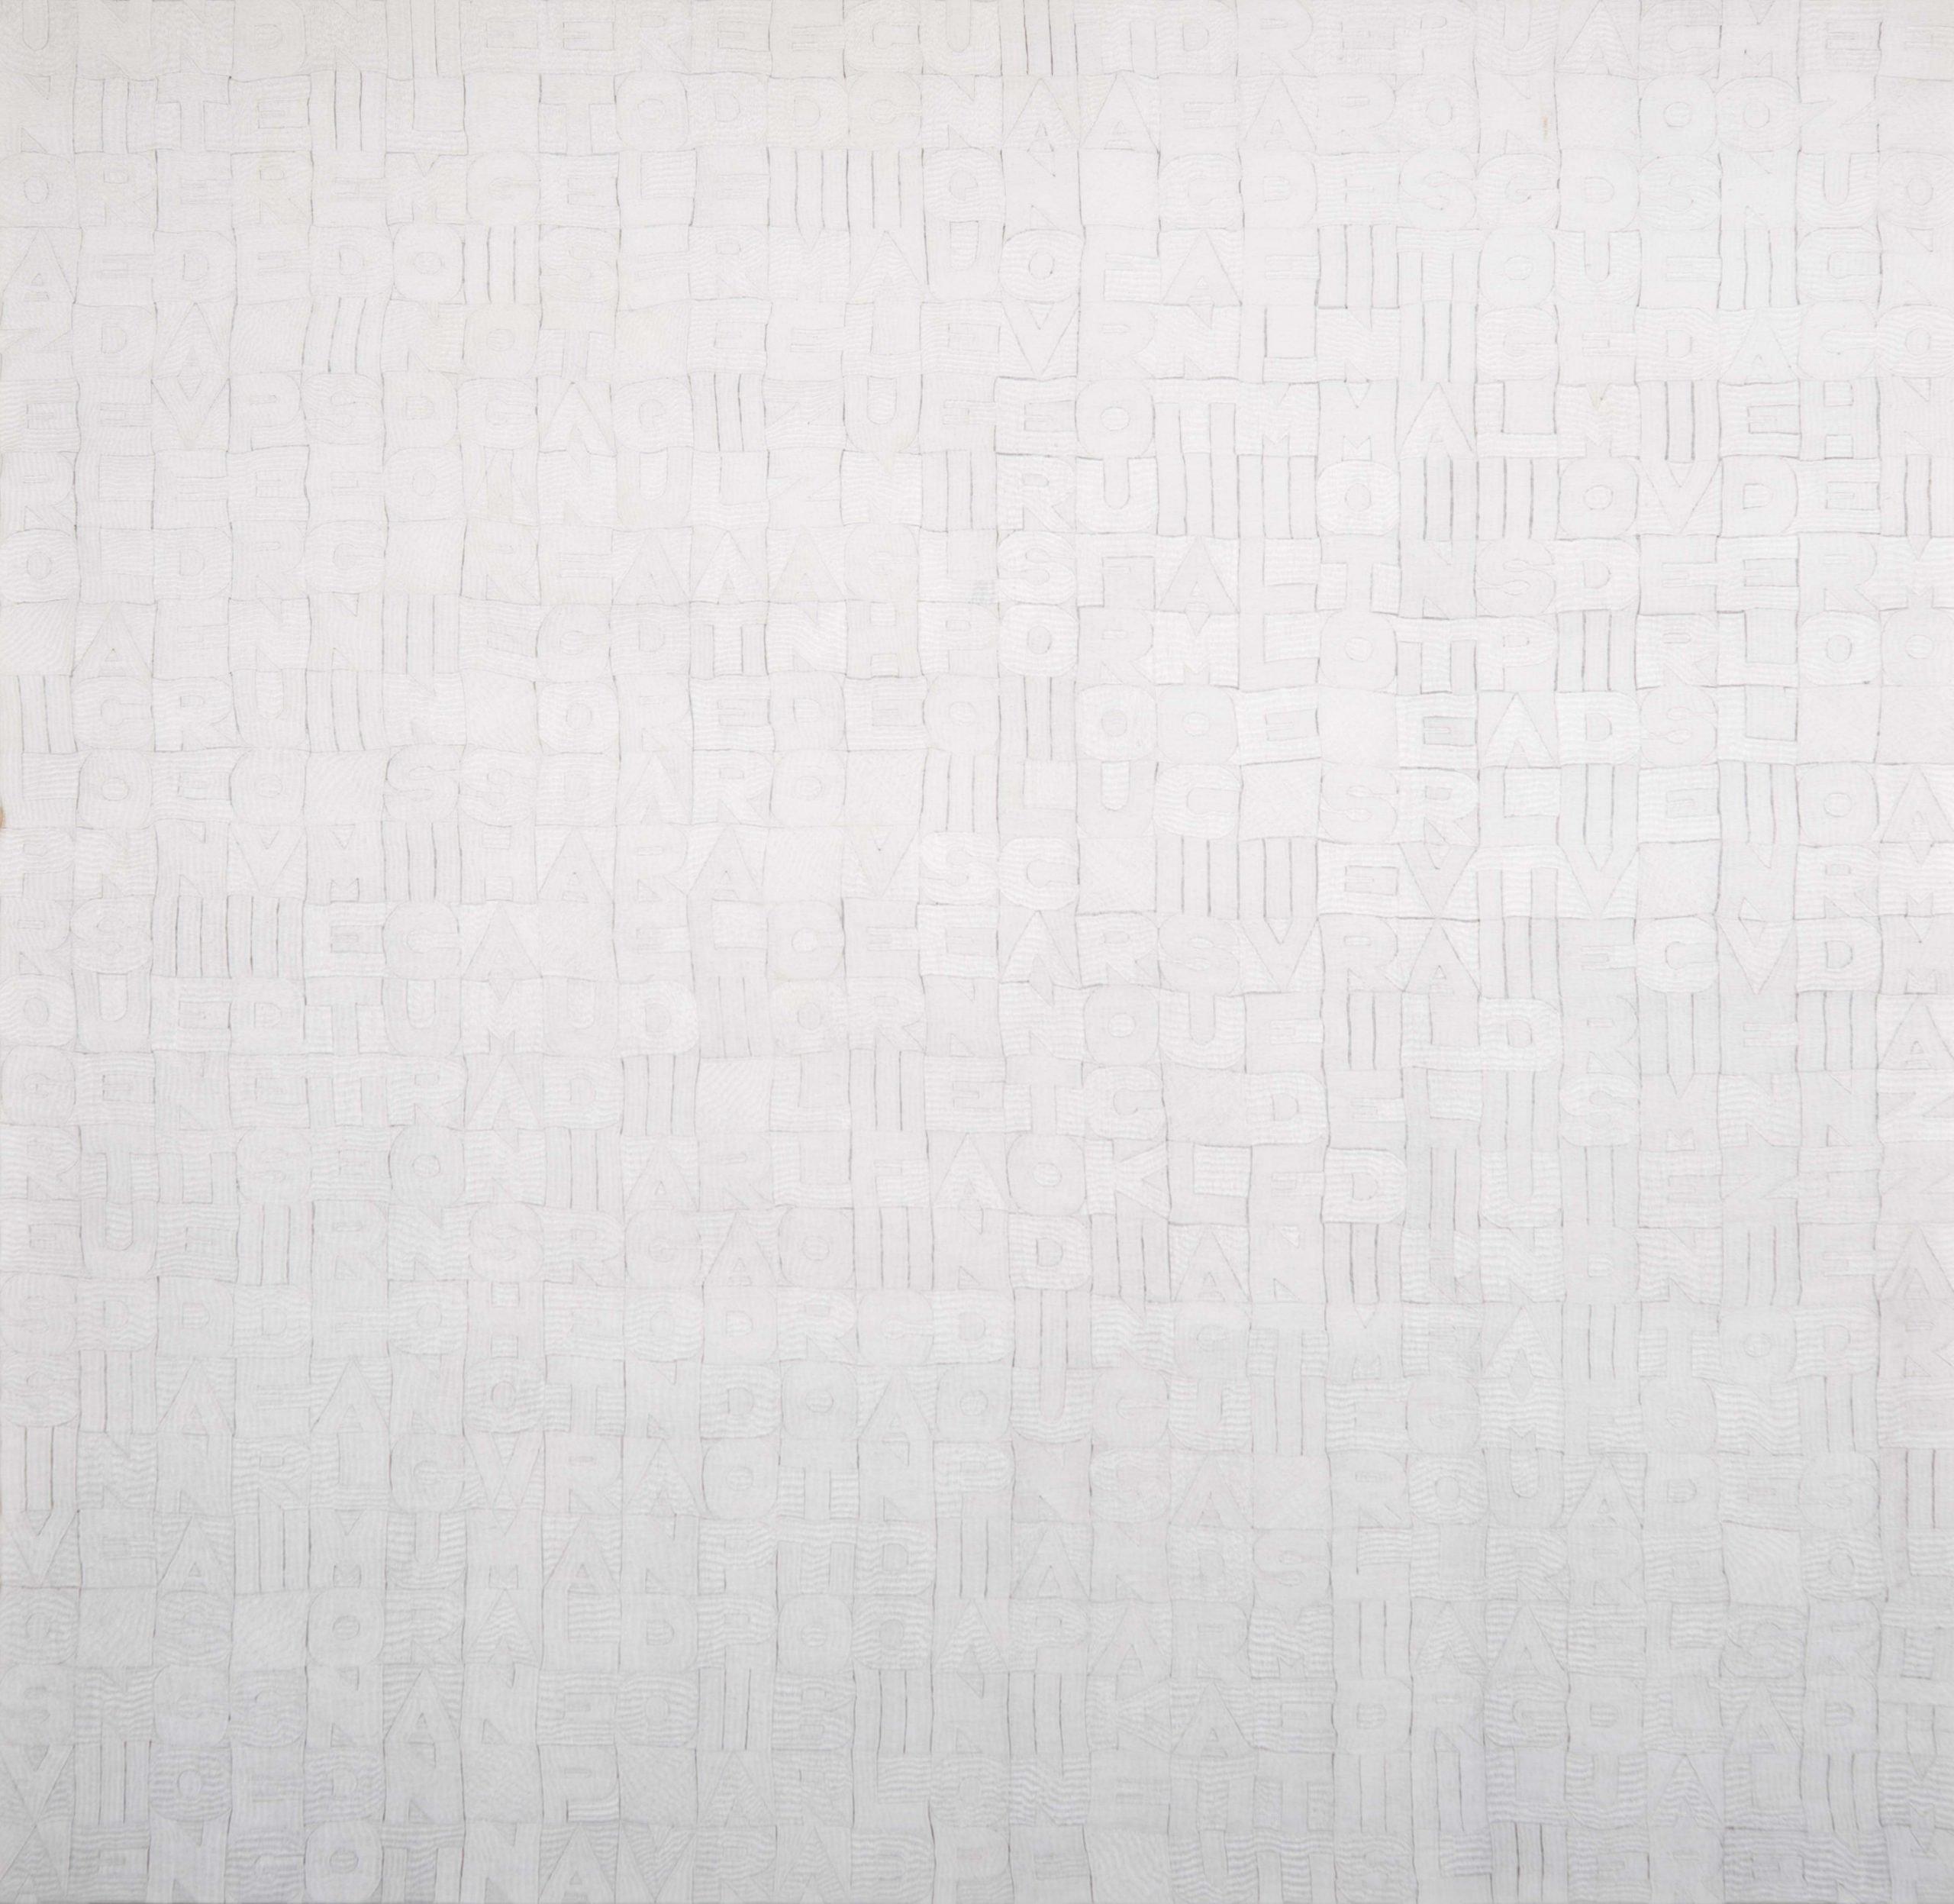 Alighiero Boetti, Titoli, 1978, ricamo su tessuto, 172x178 cm